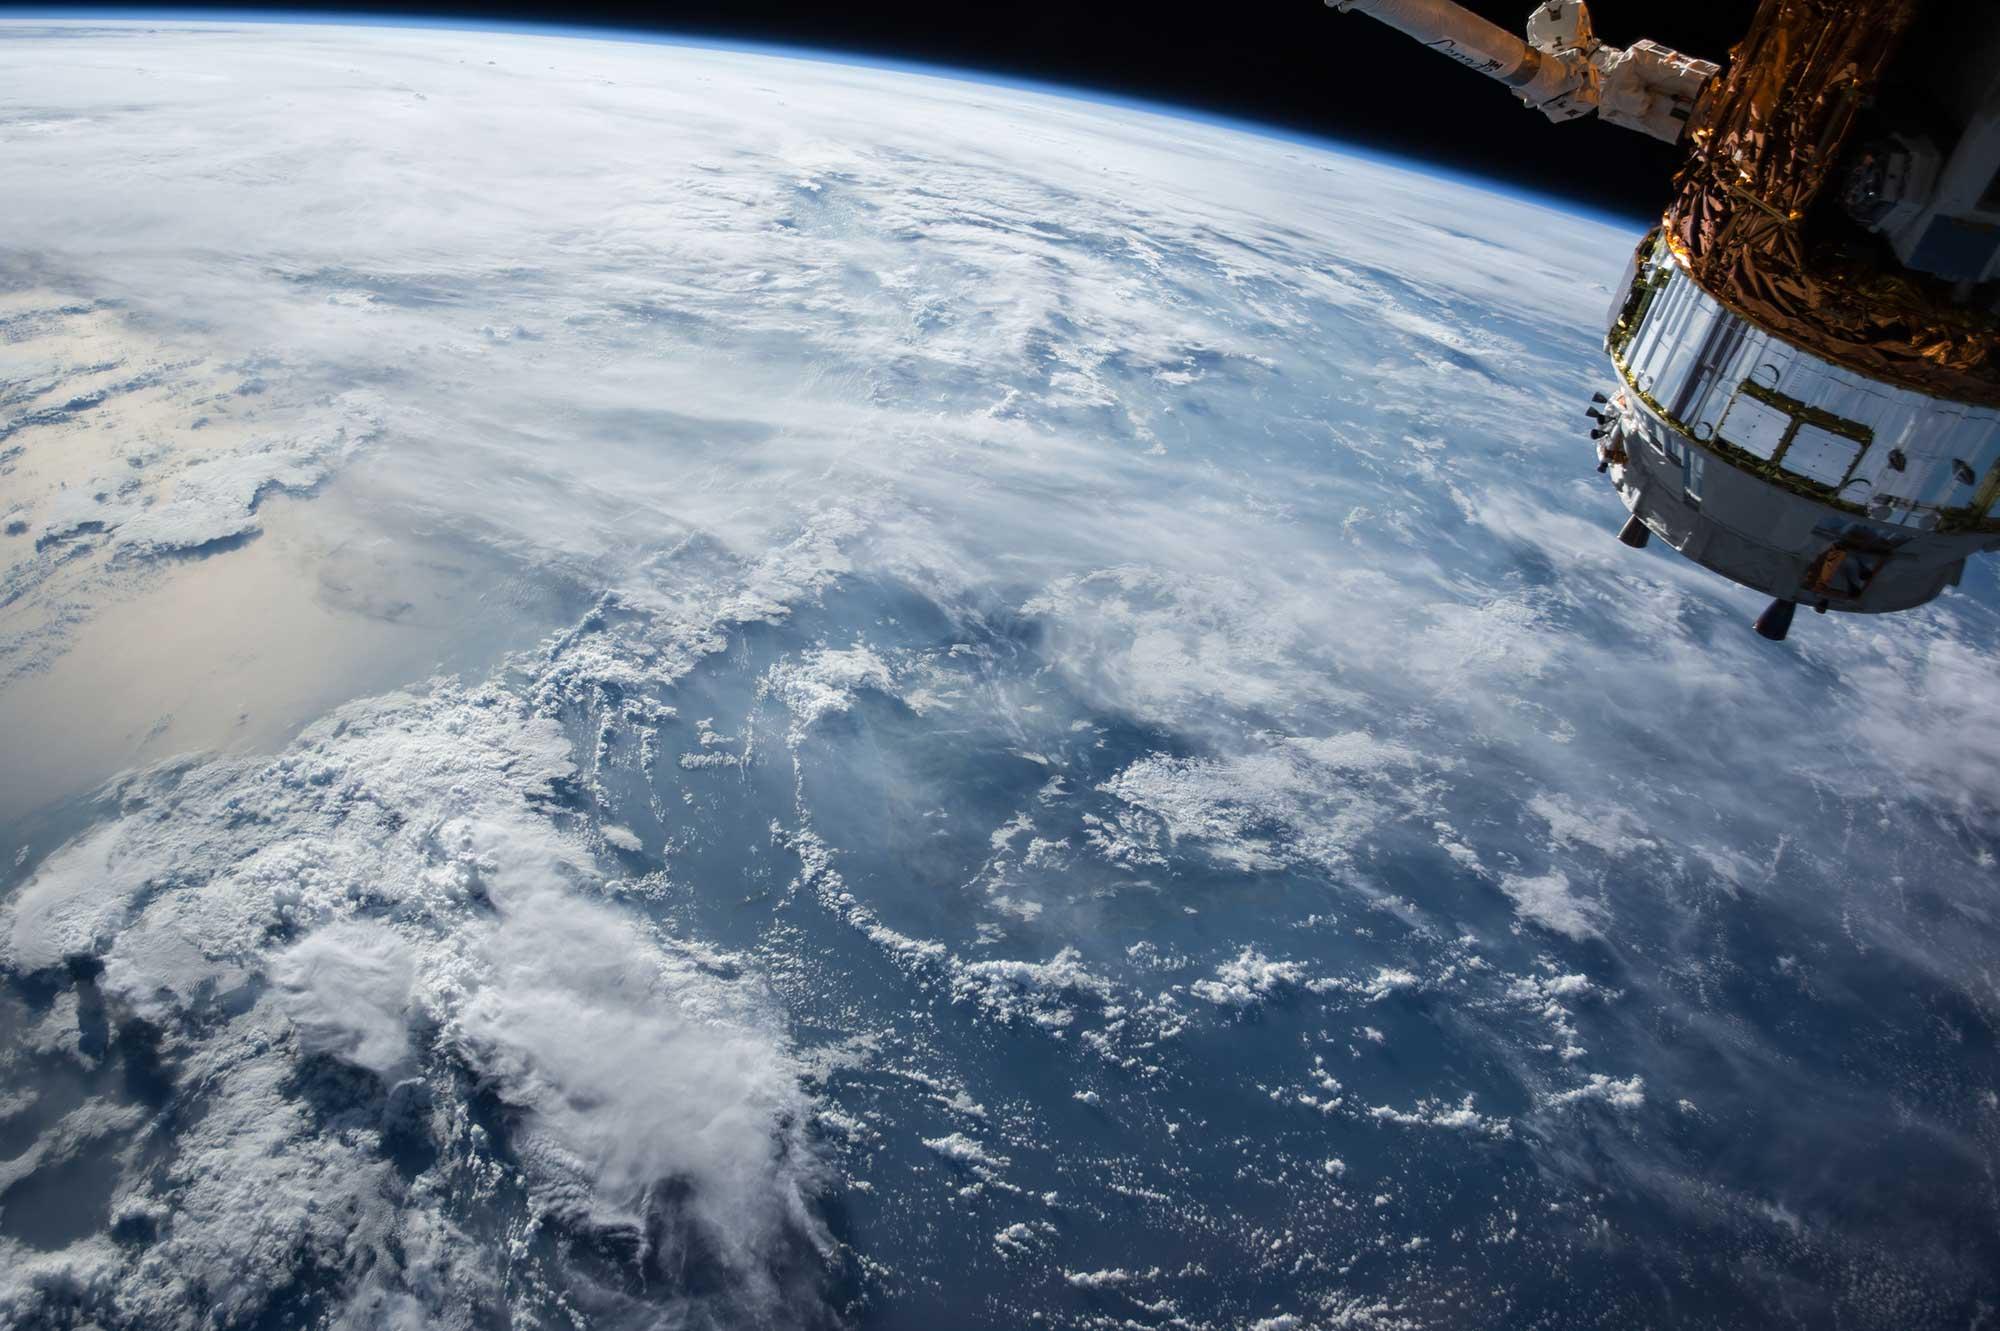 Schadenerhebung per Satellit und KI